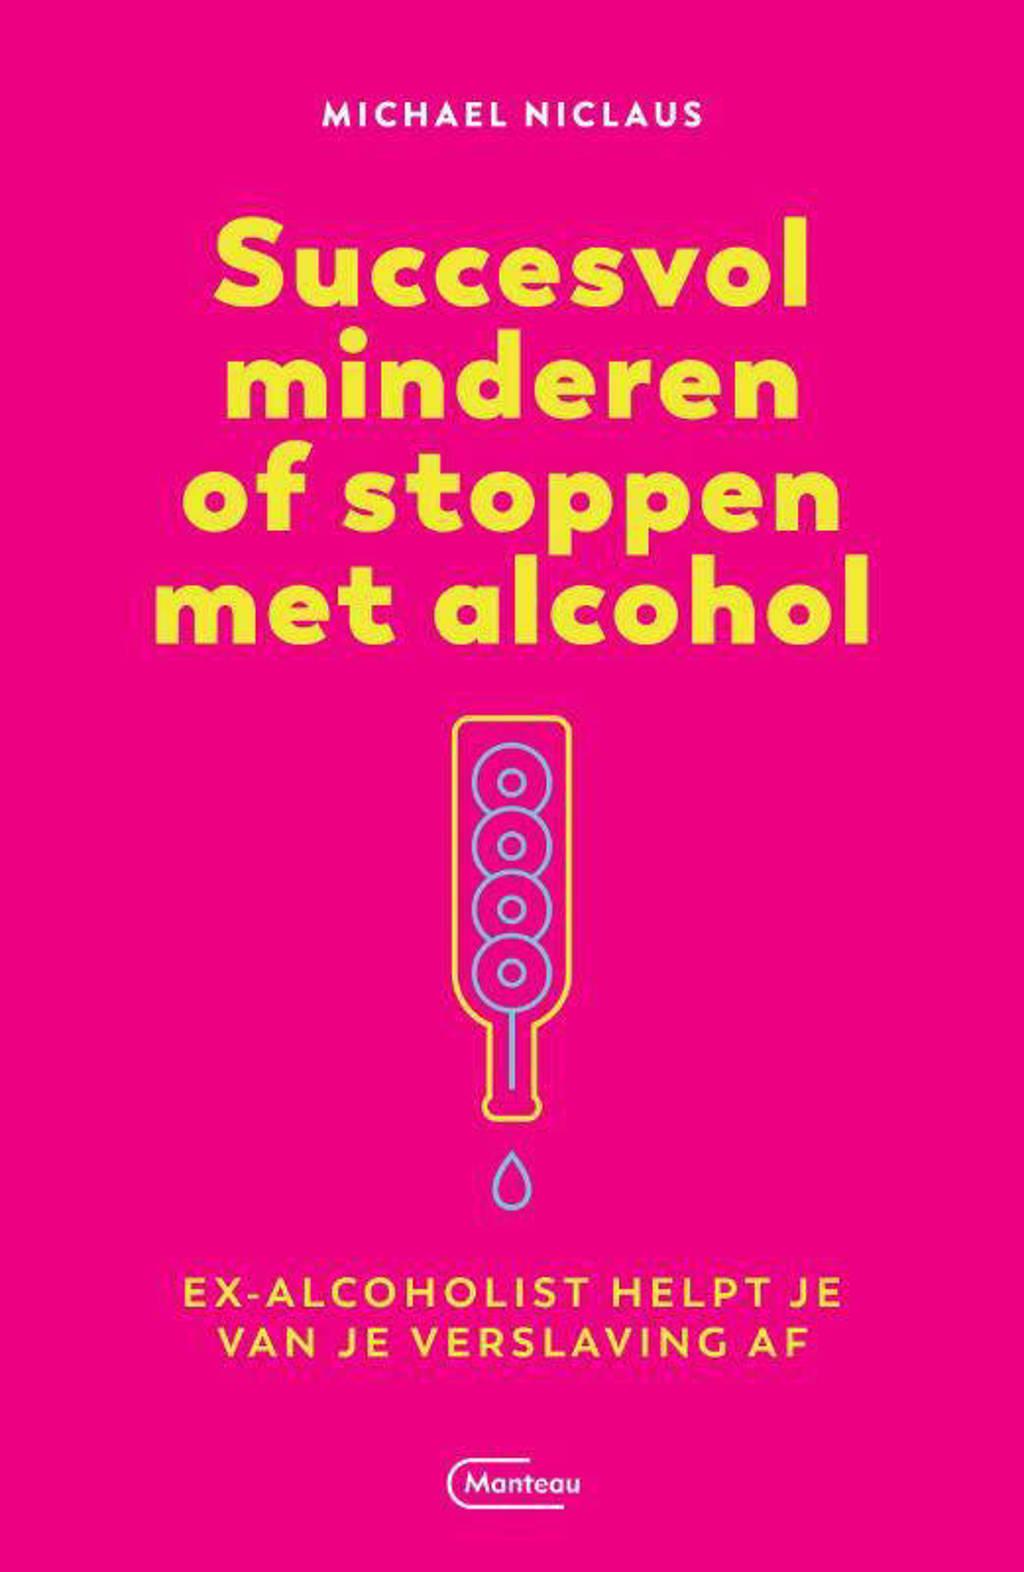 Succesvol minderen of stoppen met alcohol - Michael Niclaus